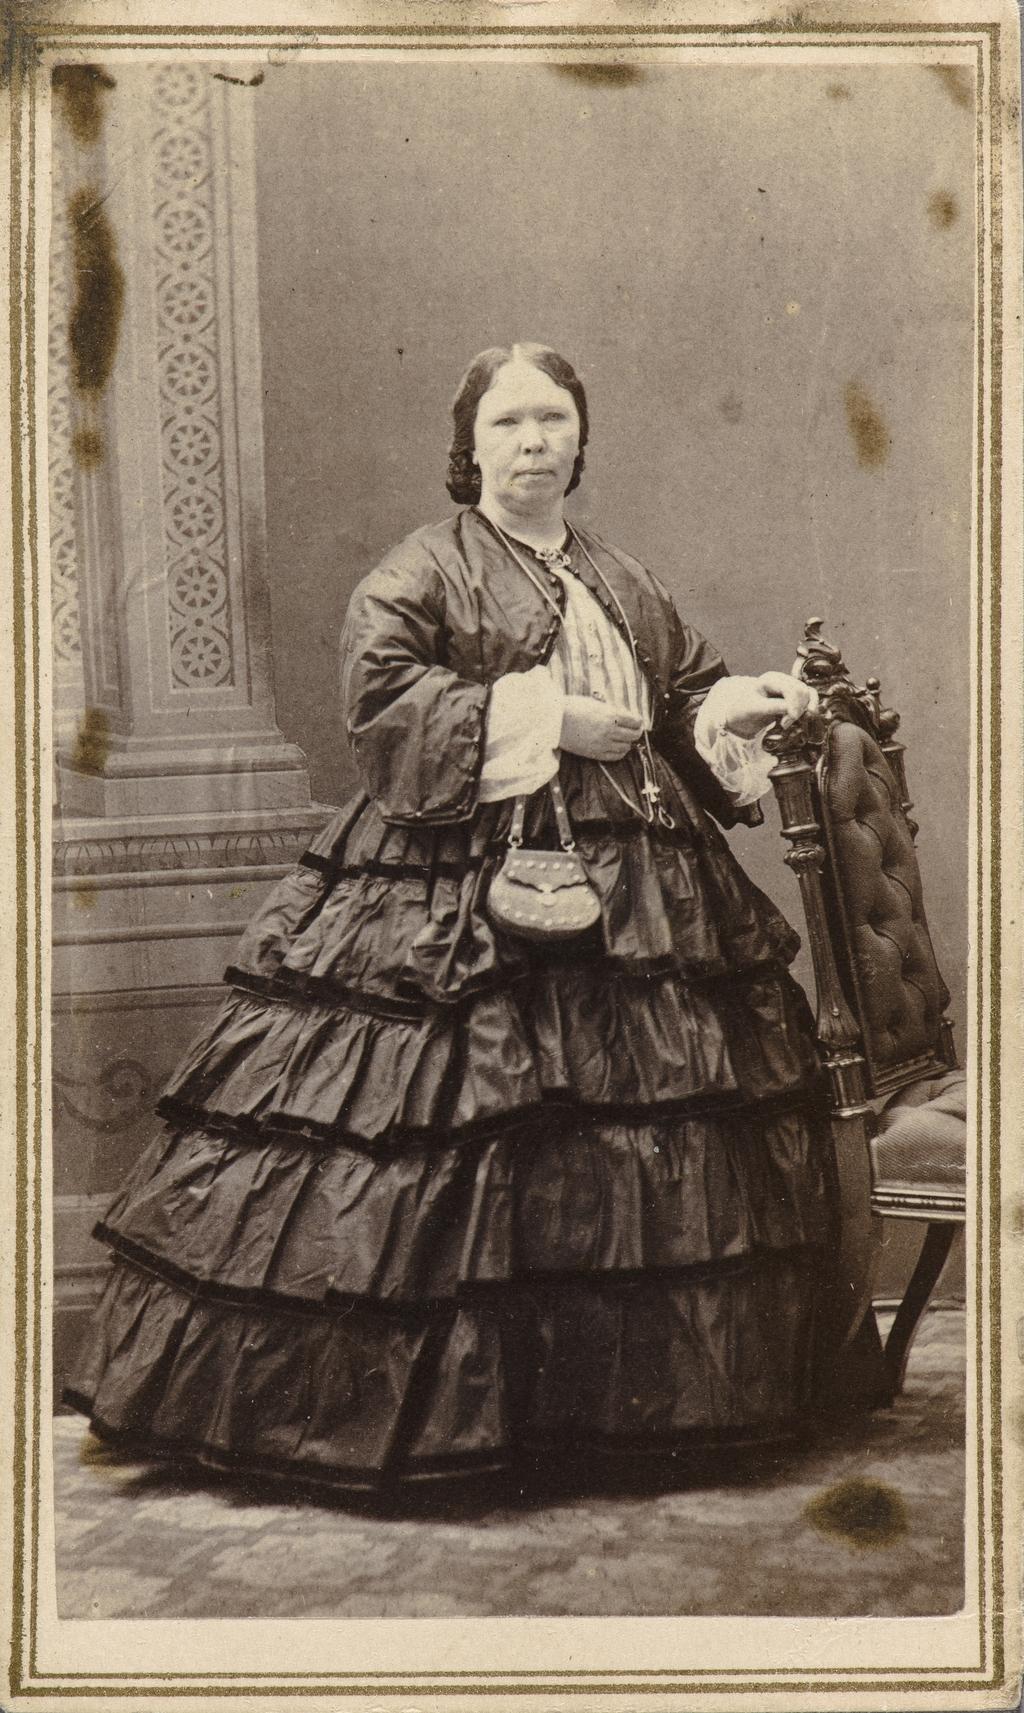 Portrait de femme, de l'album de collection dit de Napoléon Garneau